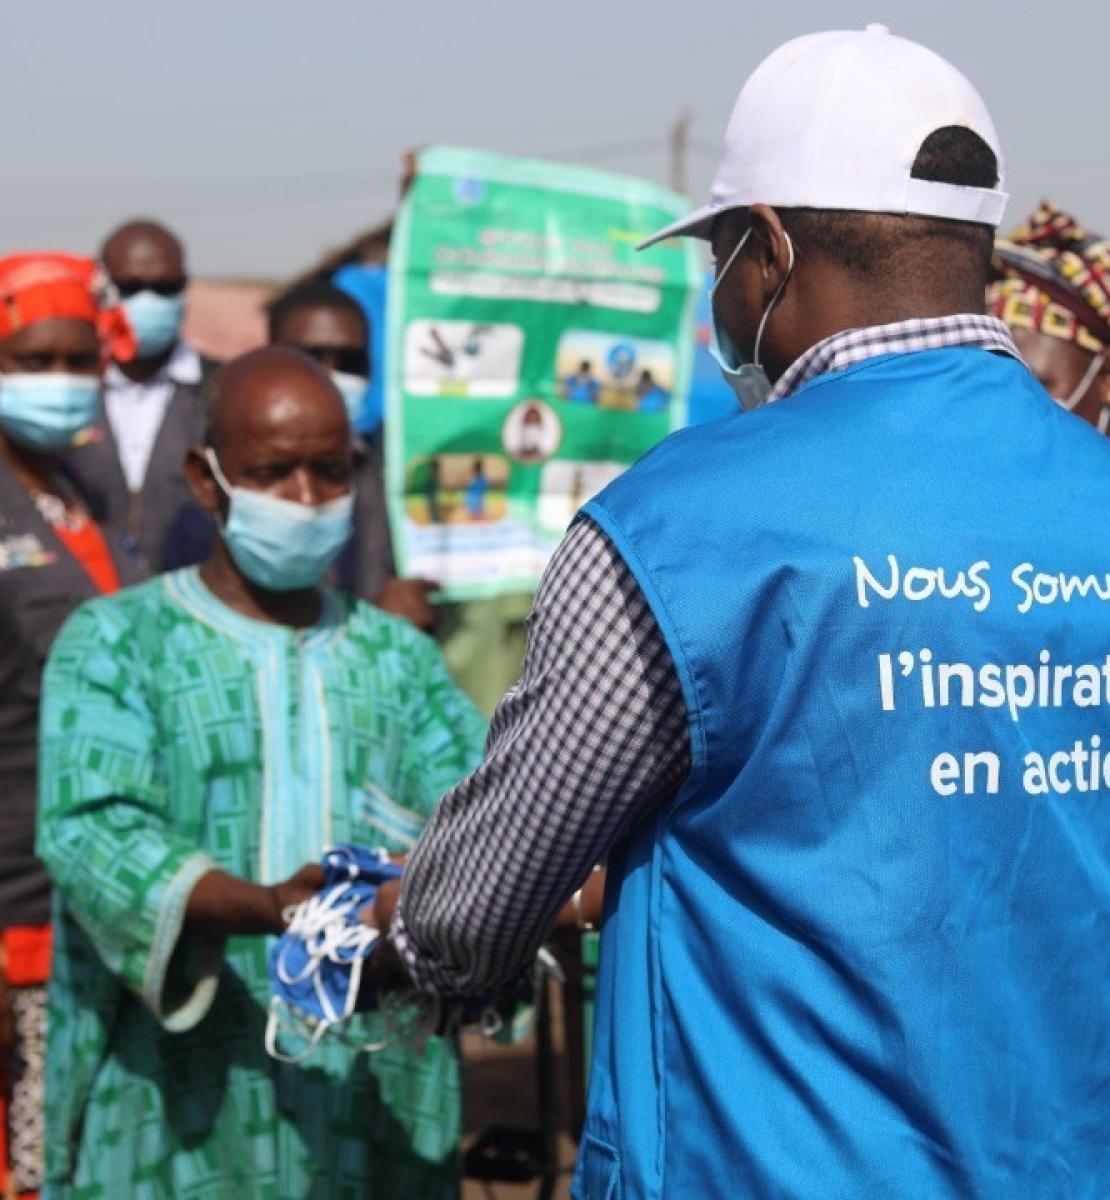 Un Volontaire des Nations Unies portant une casquette blanche et un gilet bleu sur lequel on peut lire « Nous sommes l'inspiration en action » remet plusieurs masques à un homme. Plusieurs personnes se tiennent derrière l'homme qui reçoit les masques. Toutes les personnes apparaissant sur cette photo portent des masques de protection.